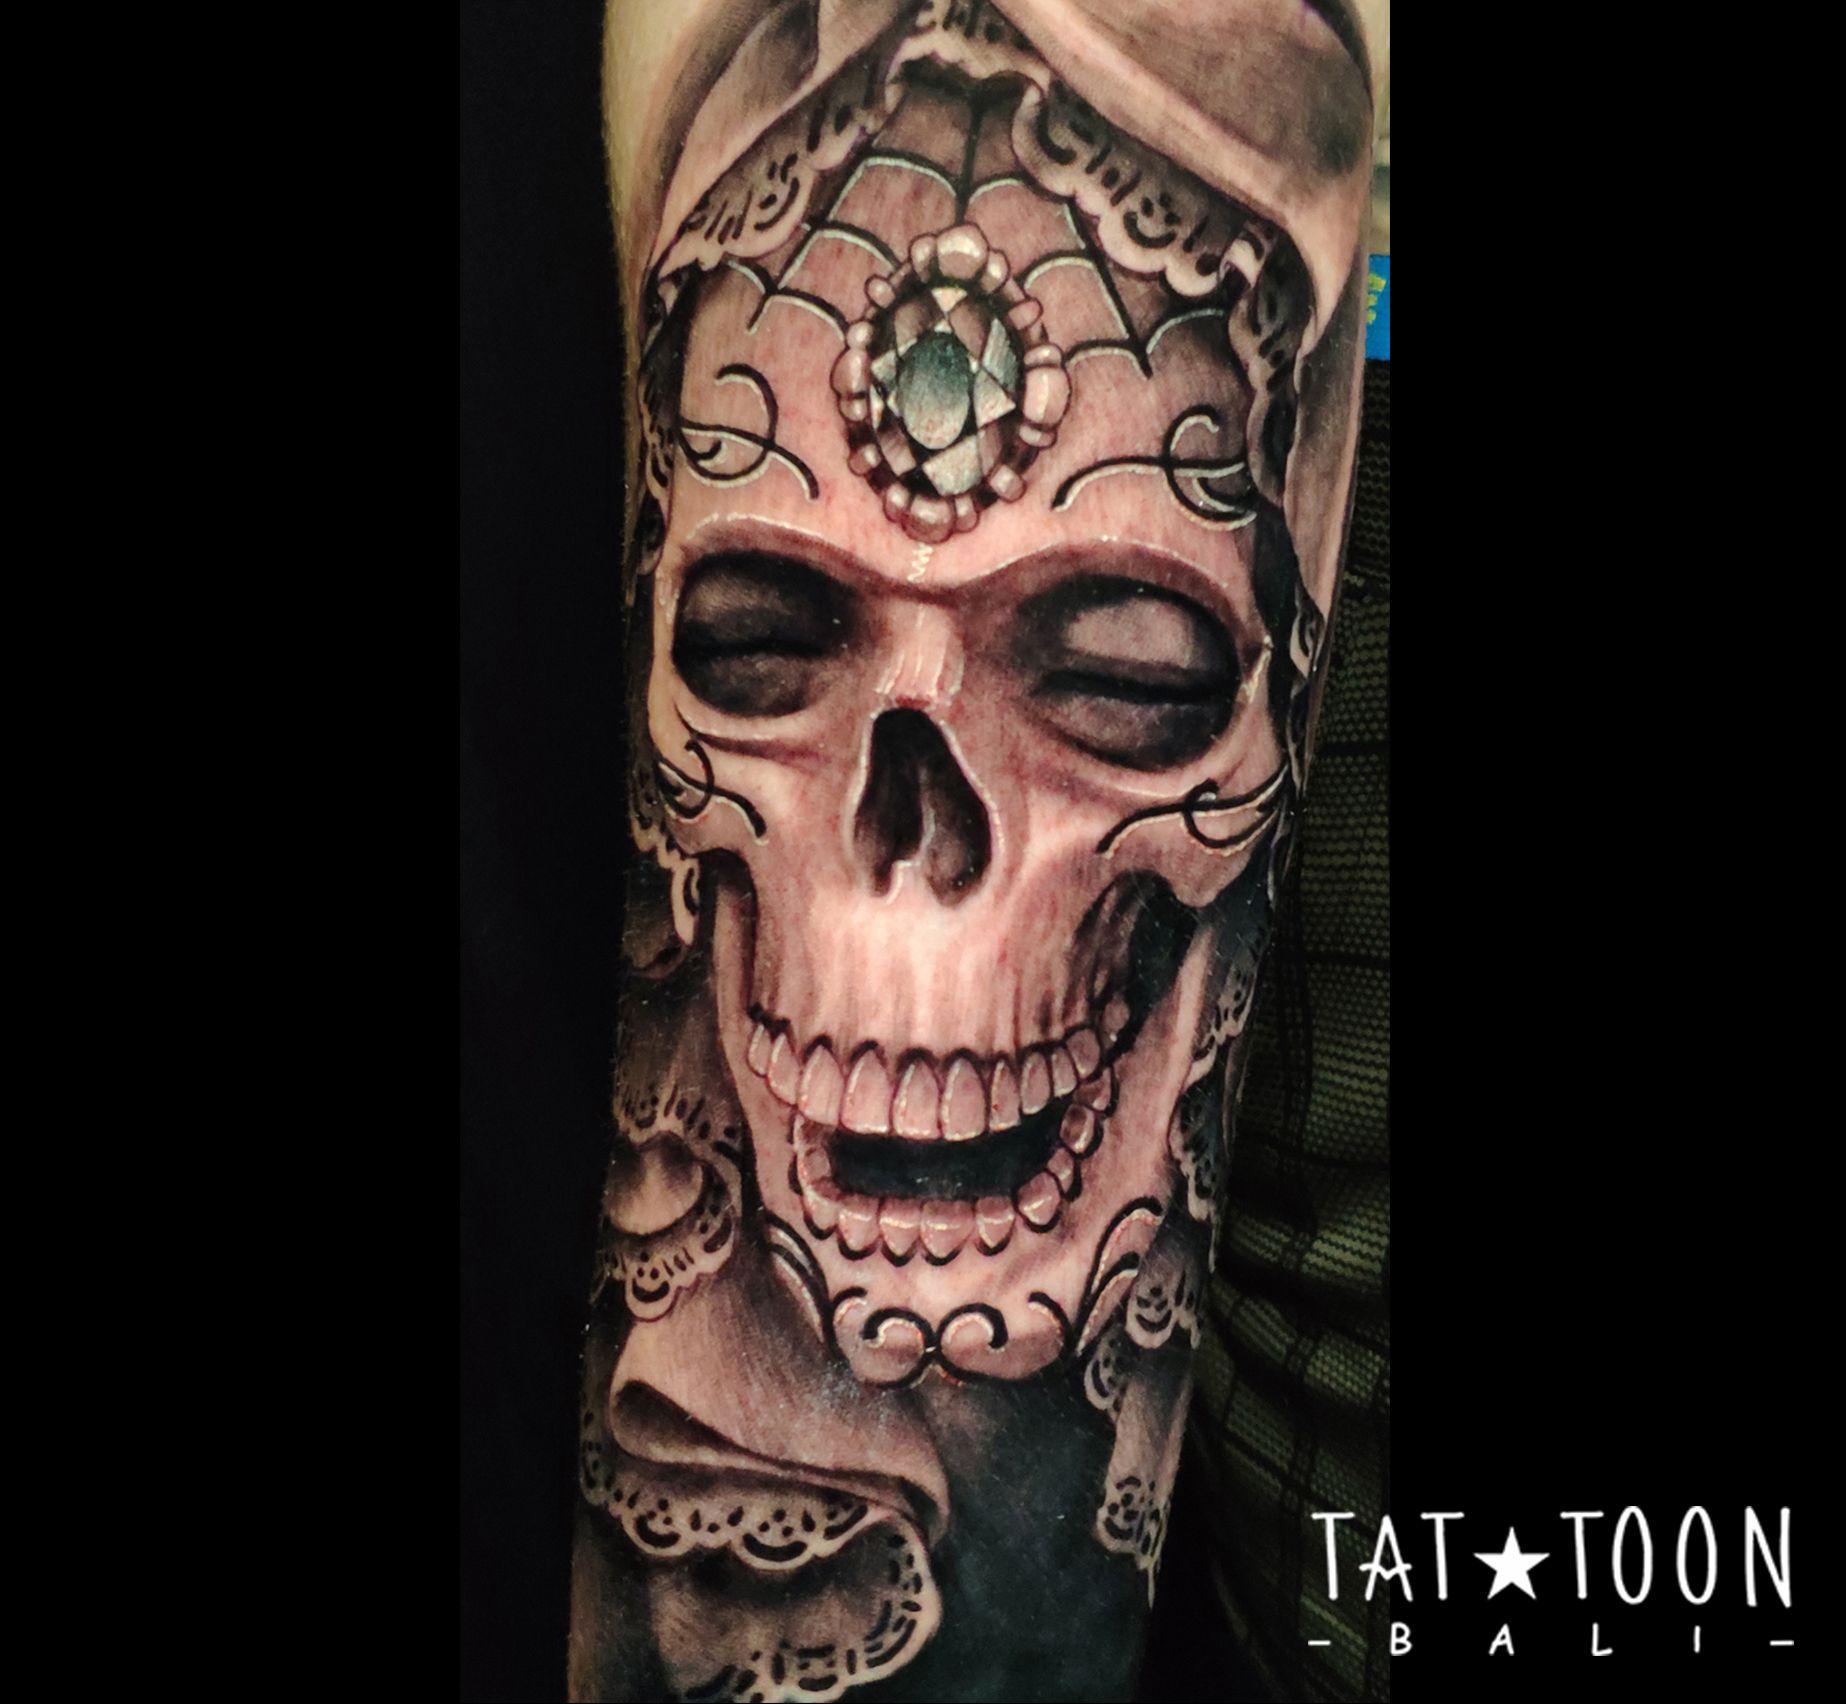 Cover up tattoo bali seminyak canggu